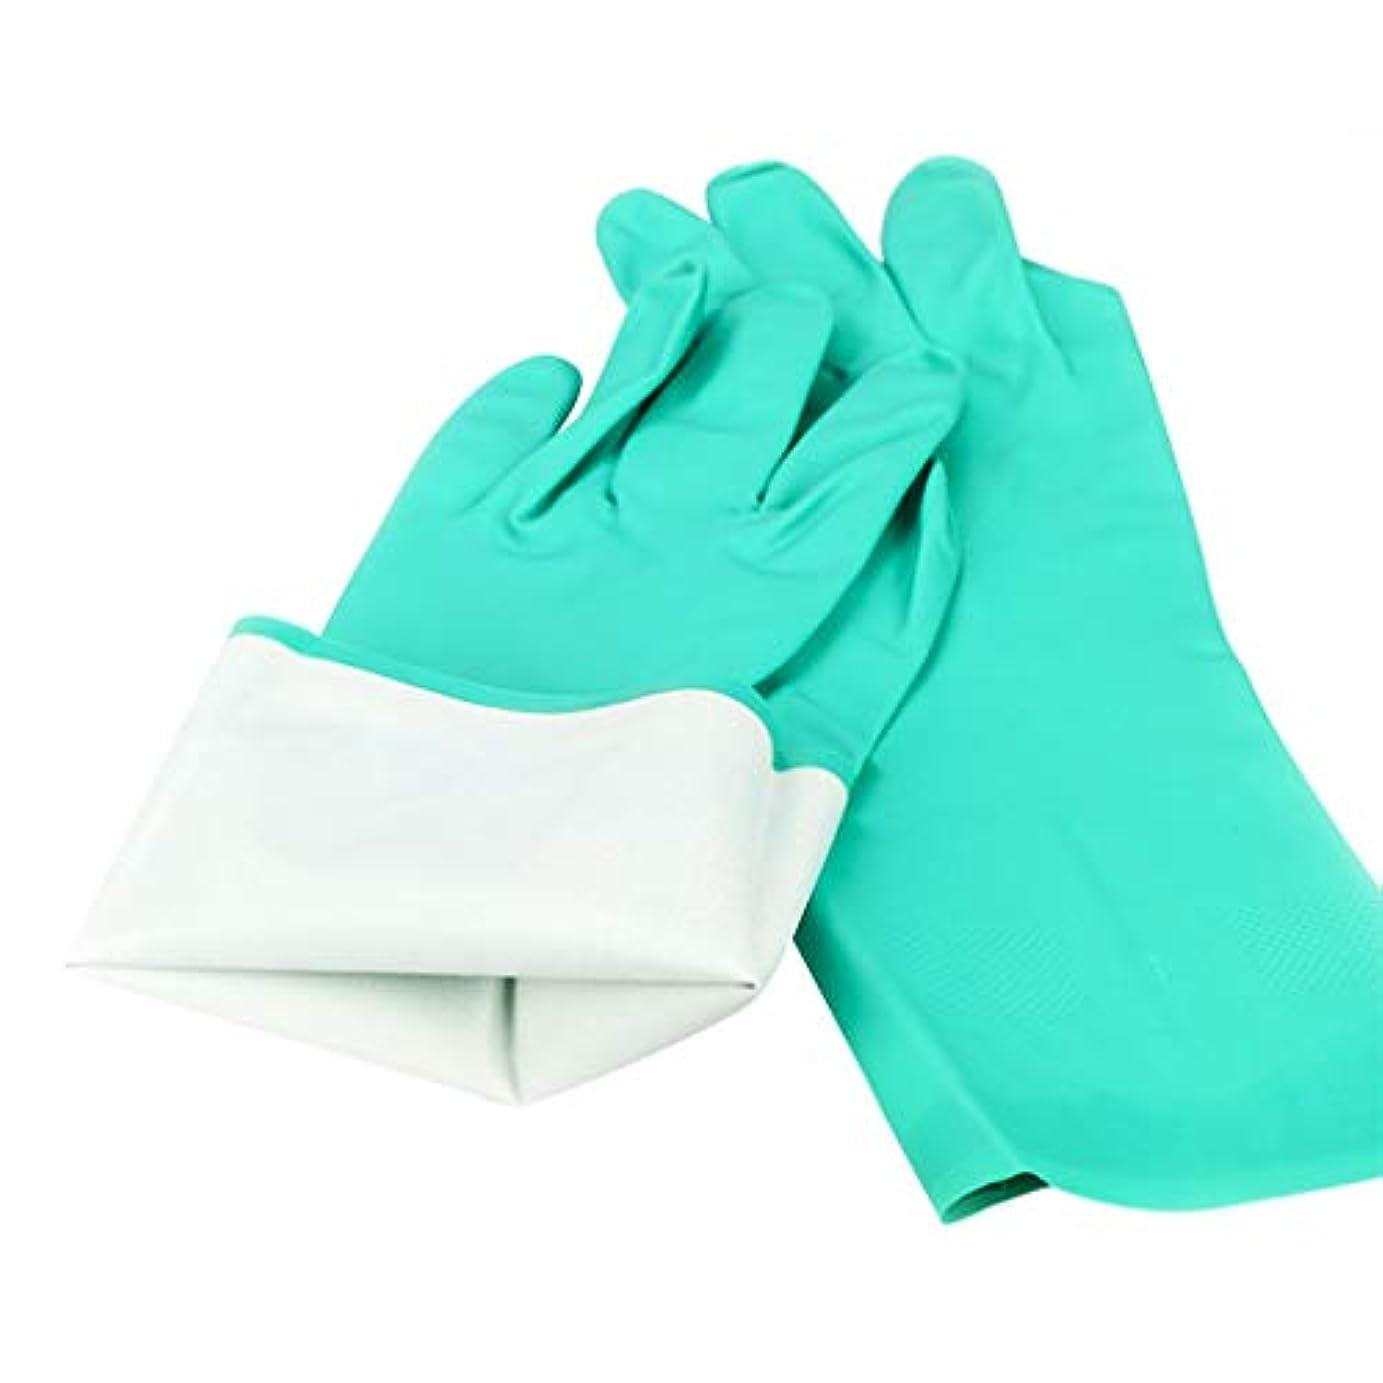 生産性説明飽和する5ペア耐油性ニトリルゴム手袋 - 耐摩耗性耐油性滑り止め安全衛生丈夫な工業用保護 YANW (色 : 緑, サイズ さいず : L l)